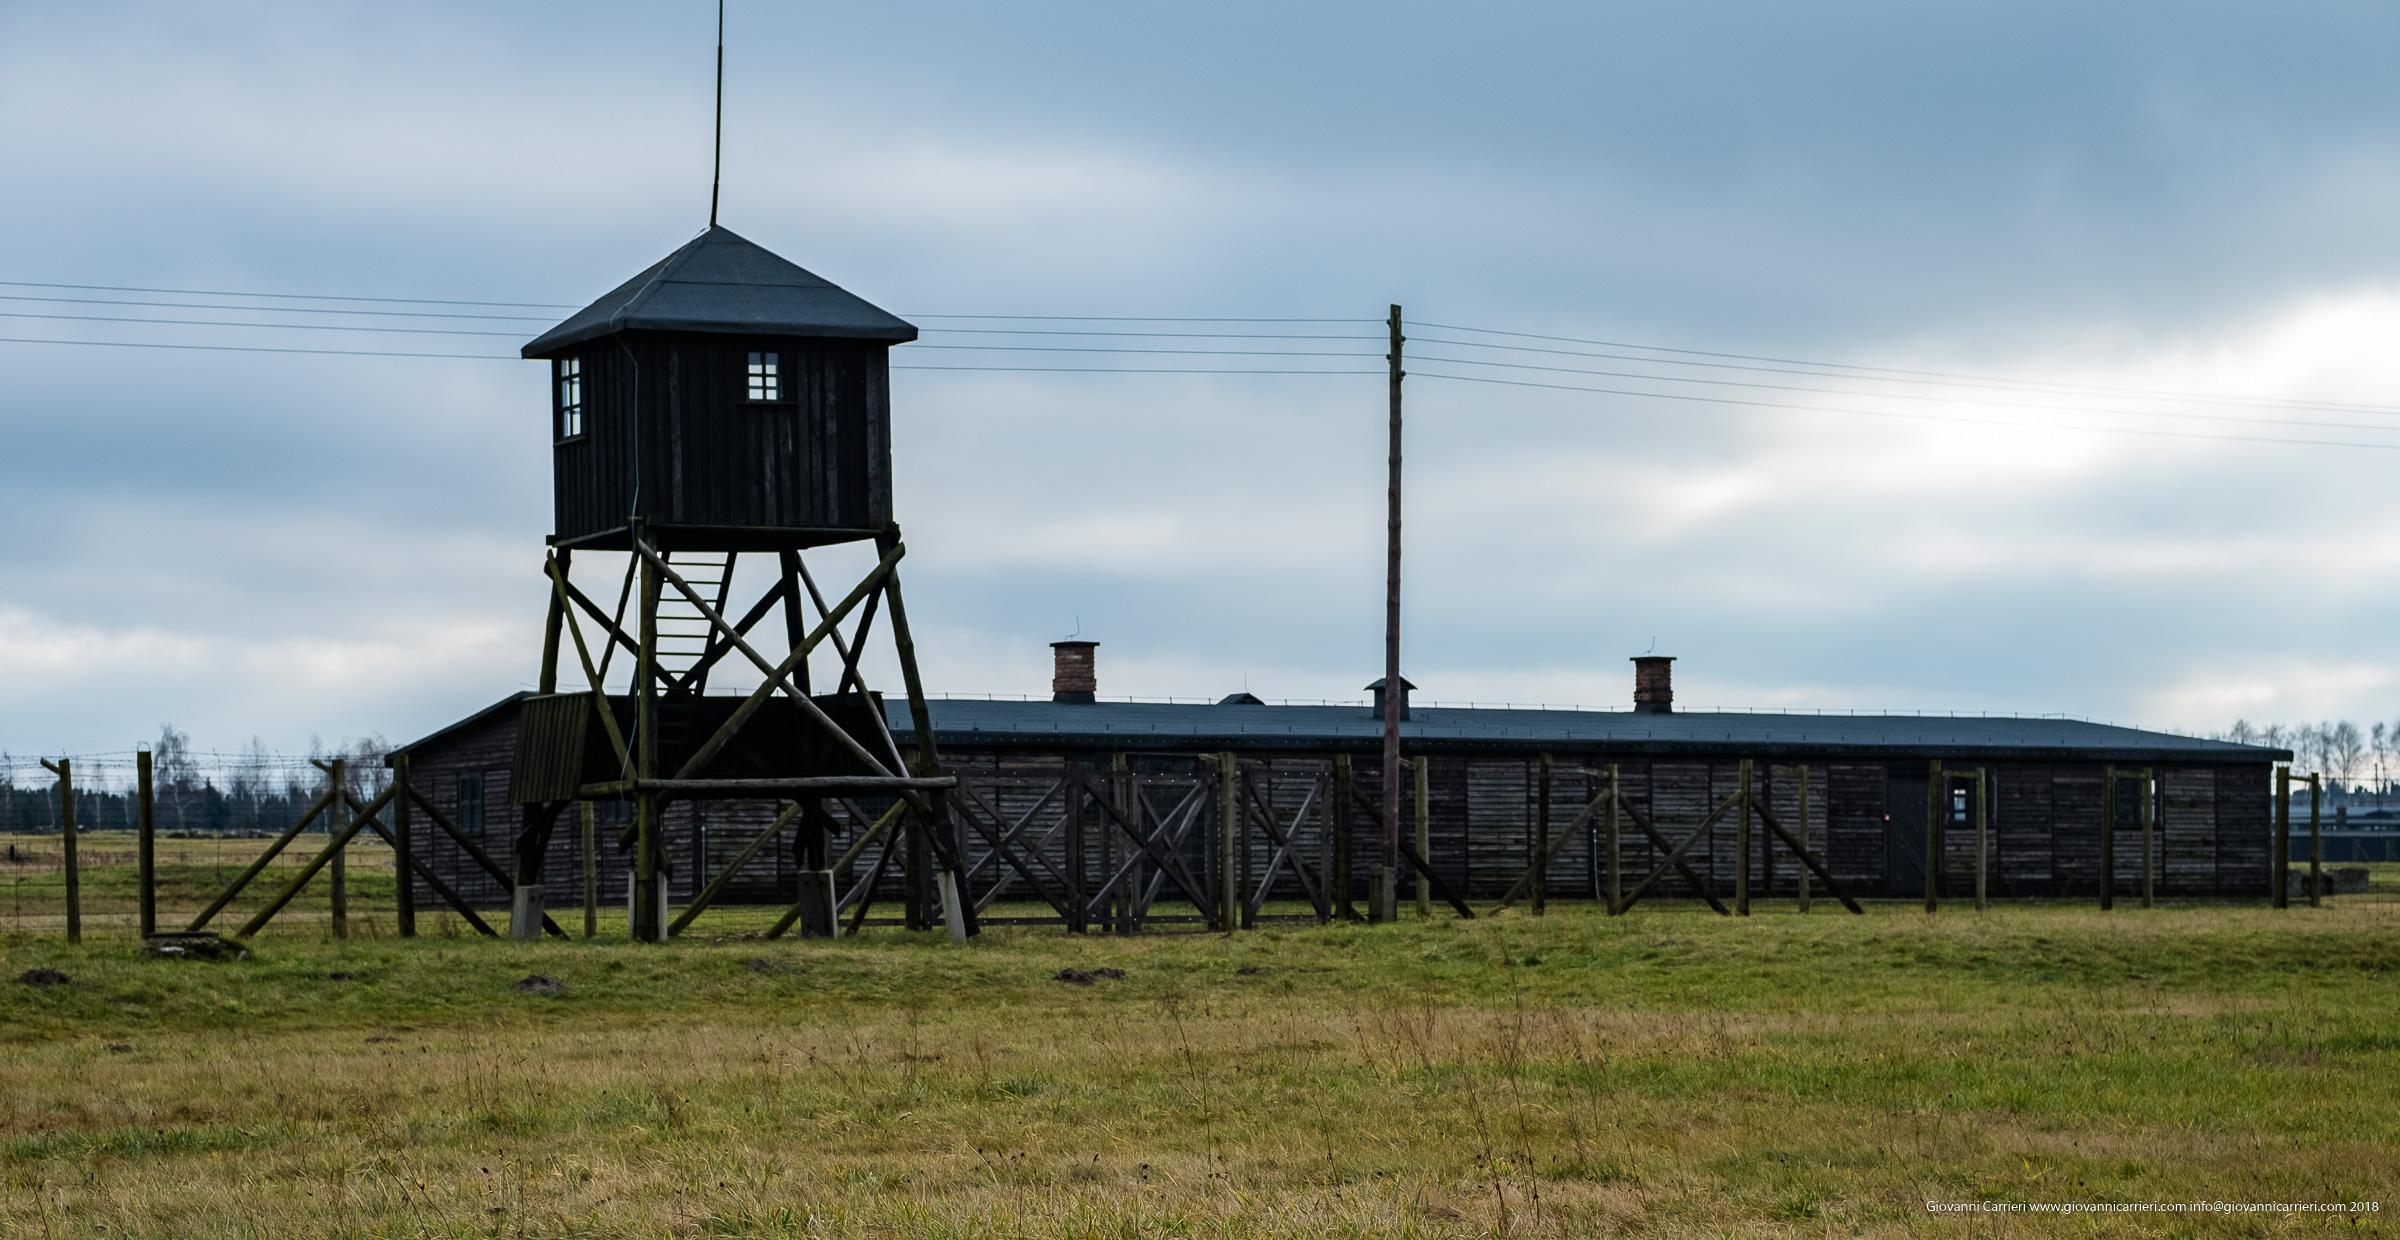 Baracca e torre di guardia di Majdanek